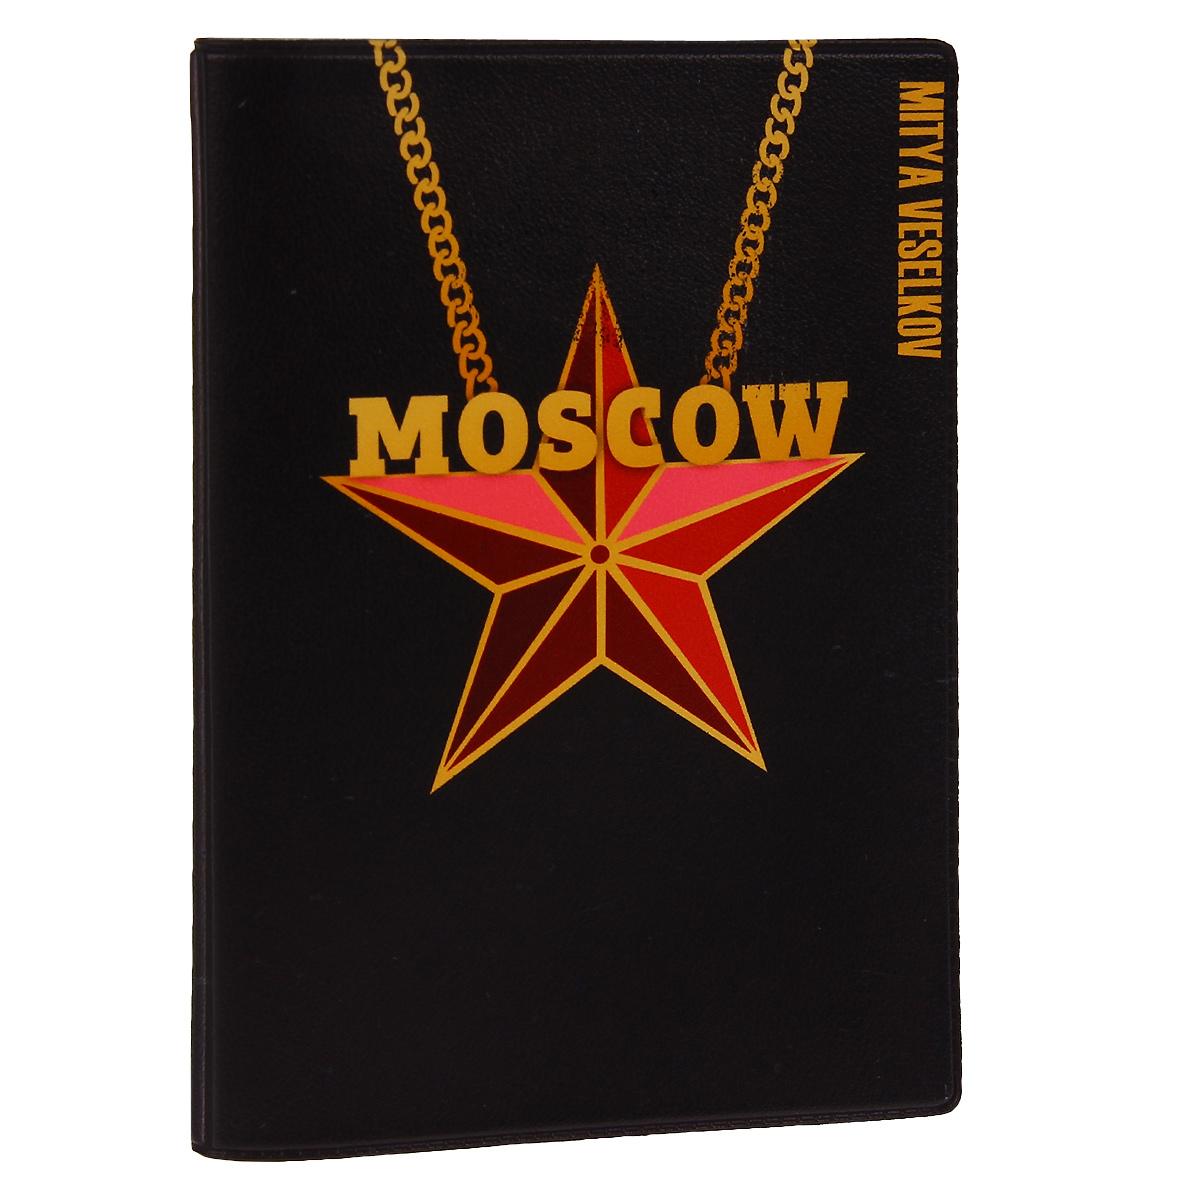 Обложка для паспорта Moscow Star. OZAM275OZAM275Обложка для паспорта Mitya Veselkov Moscow Star выполнена из прочного ПВХ и оформлена изображением красной пятиконечной звезды, подвешенной на цепочку, и надписью Moscow. Такая обложка не только поможет сохранить внешний вид ваших документов и защитит их от повреждений, но и станет стильным аксессуаром, идеально подходящим вашему образу. Яркая и оригинальная обложка подчеркнет вашу индивидуальность и изысканный вкус. Обложка для паспорта стильного дизайна может быть достойным и оригинальным подарком.